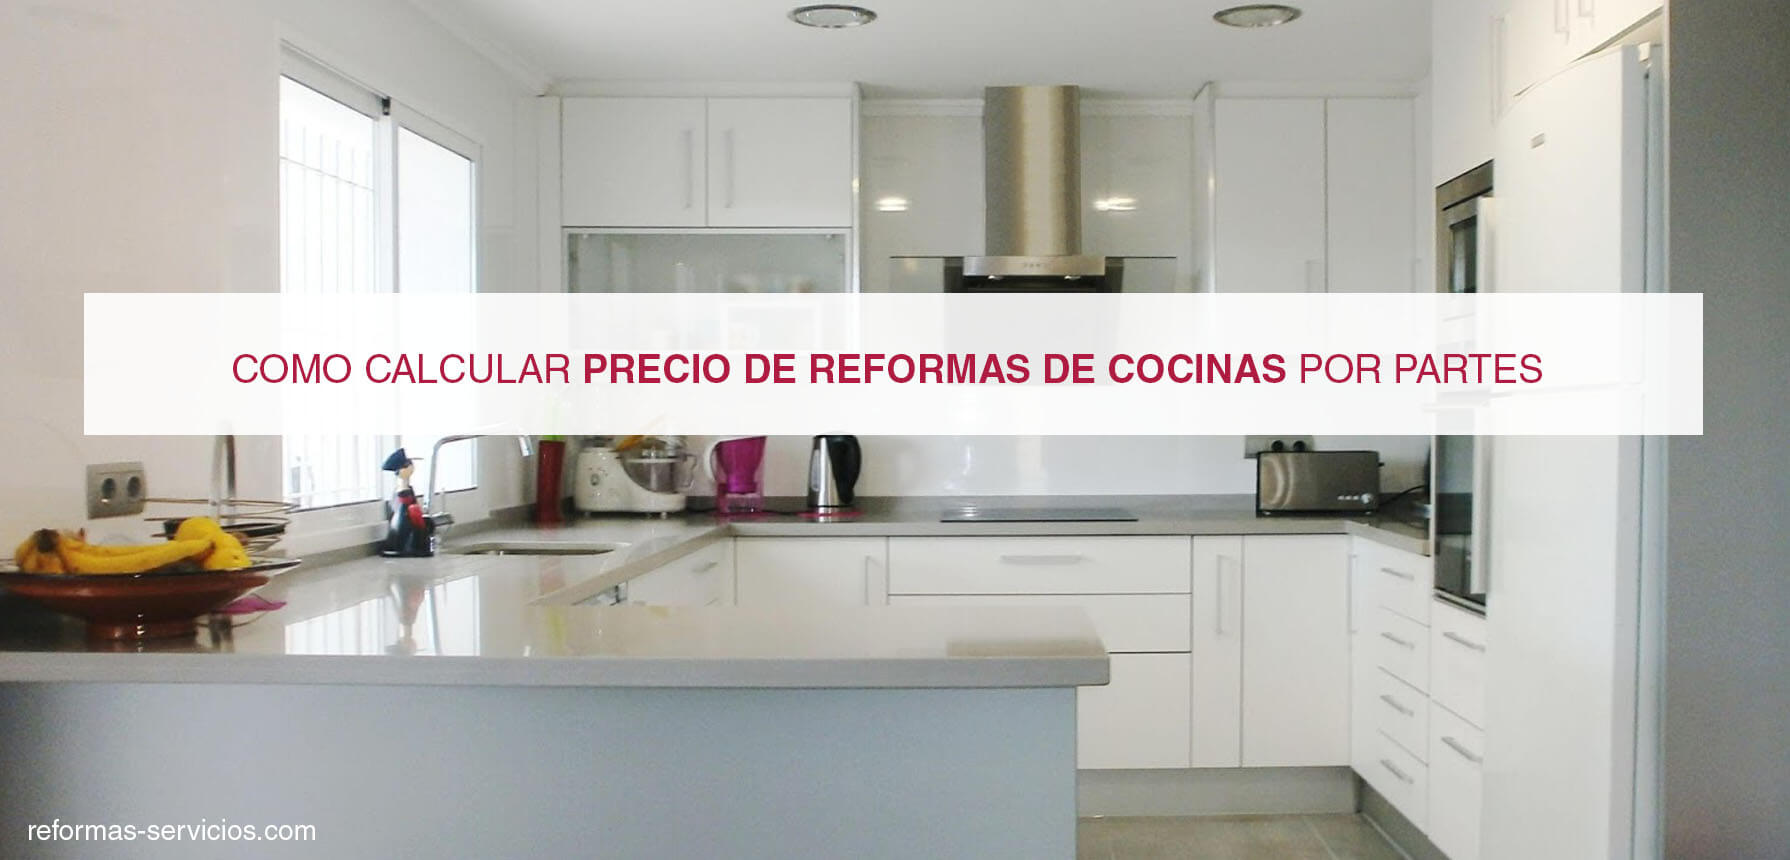 reforma de cocinas